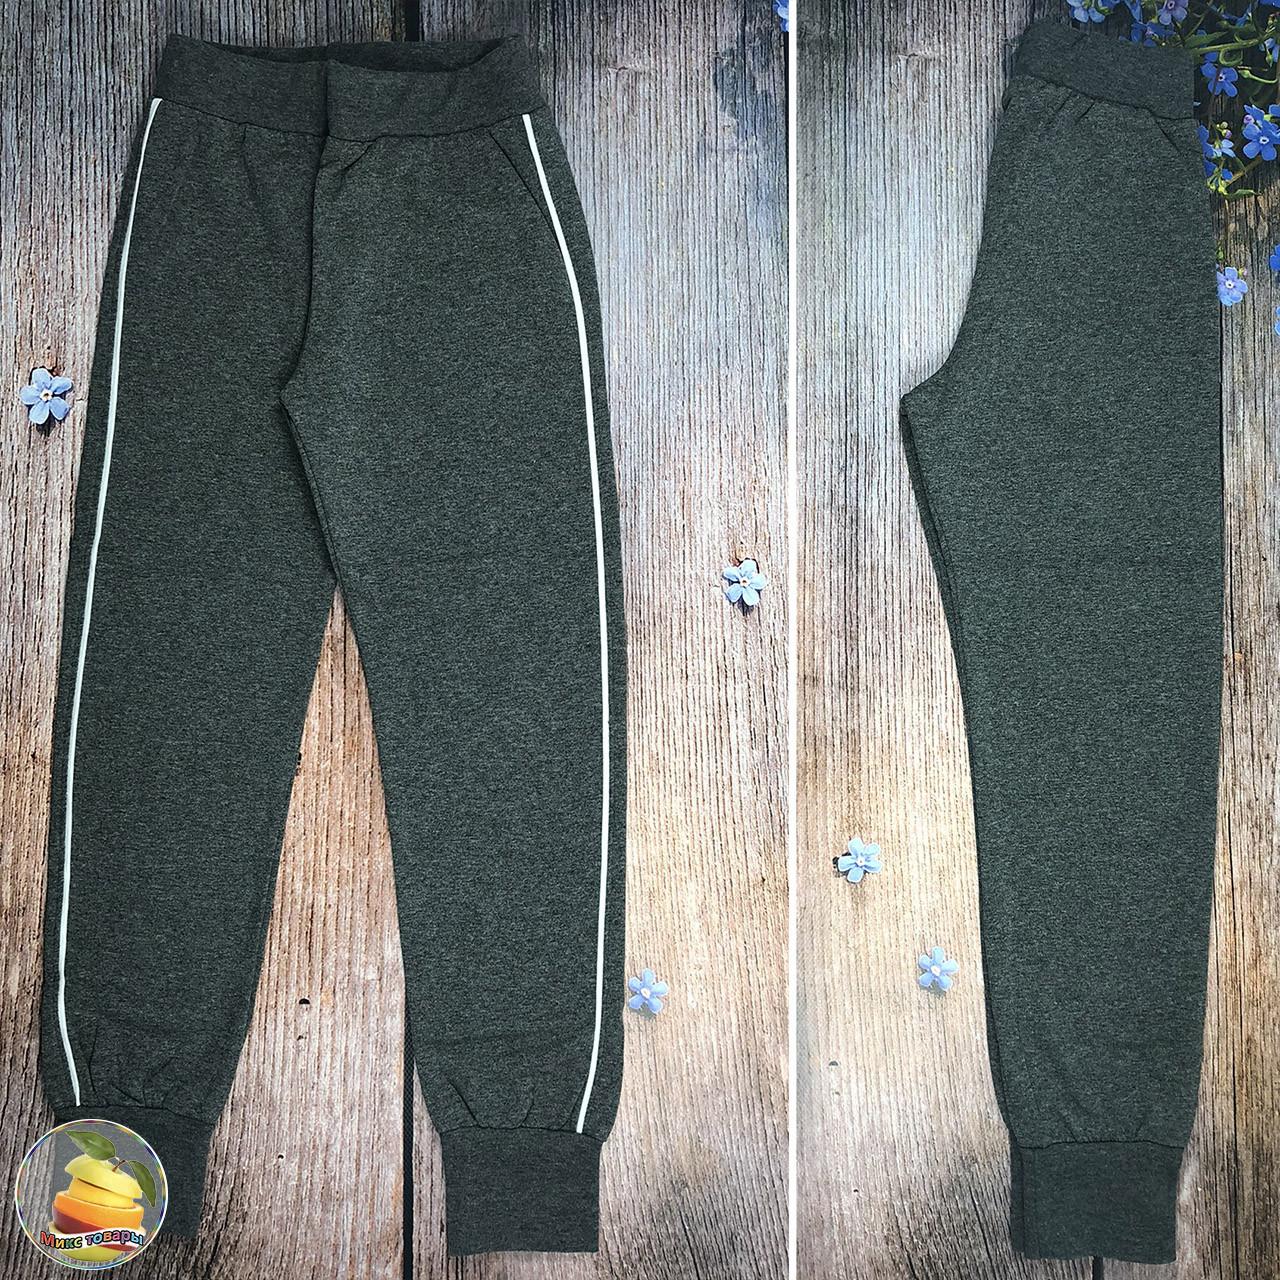 Серые спортивные штаны с лёгким начёсом для подростка (Dominik) Размеры: 134,140,146,152,158 см (20119-2)